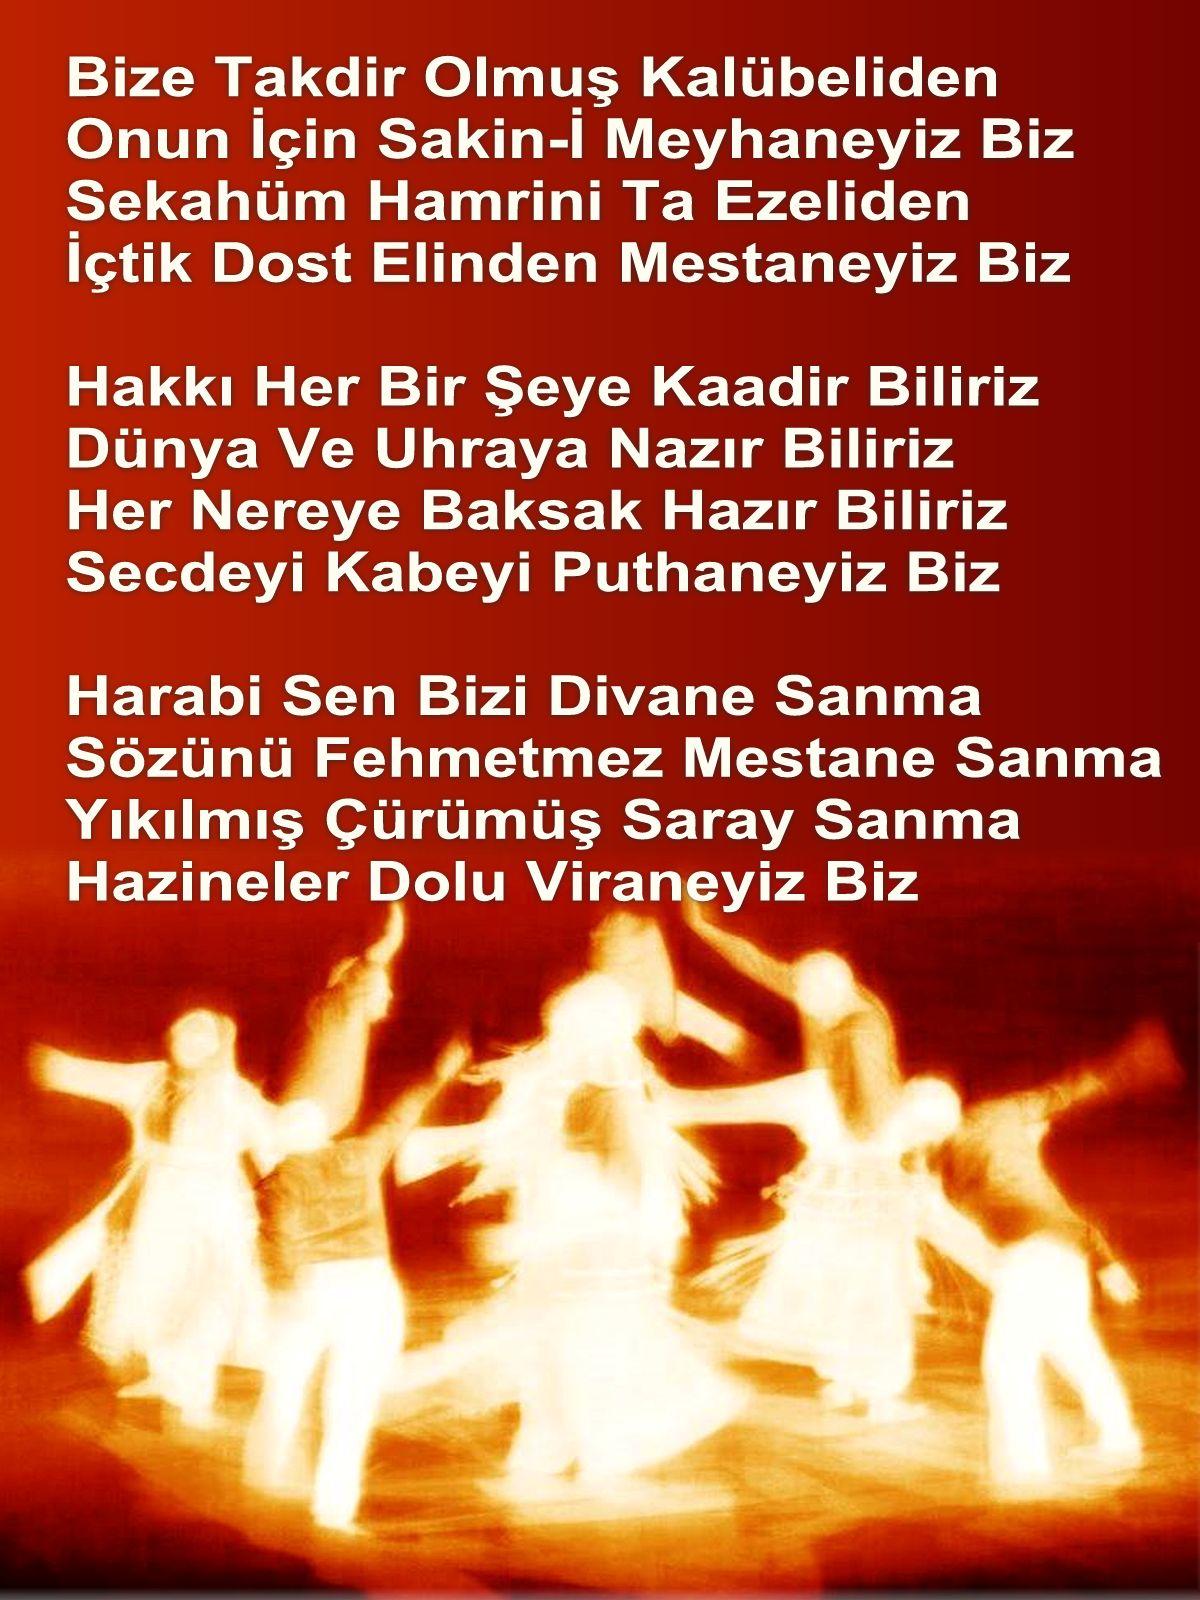 Devrimci Aleviler Birliği DAB Alevi Kızılbaş Bektaşi pir sultan cem hz Ali 12 imam semah Feramuz Şah Acar Harabi